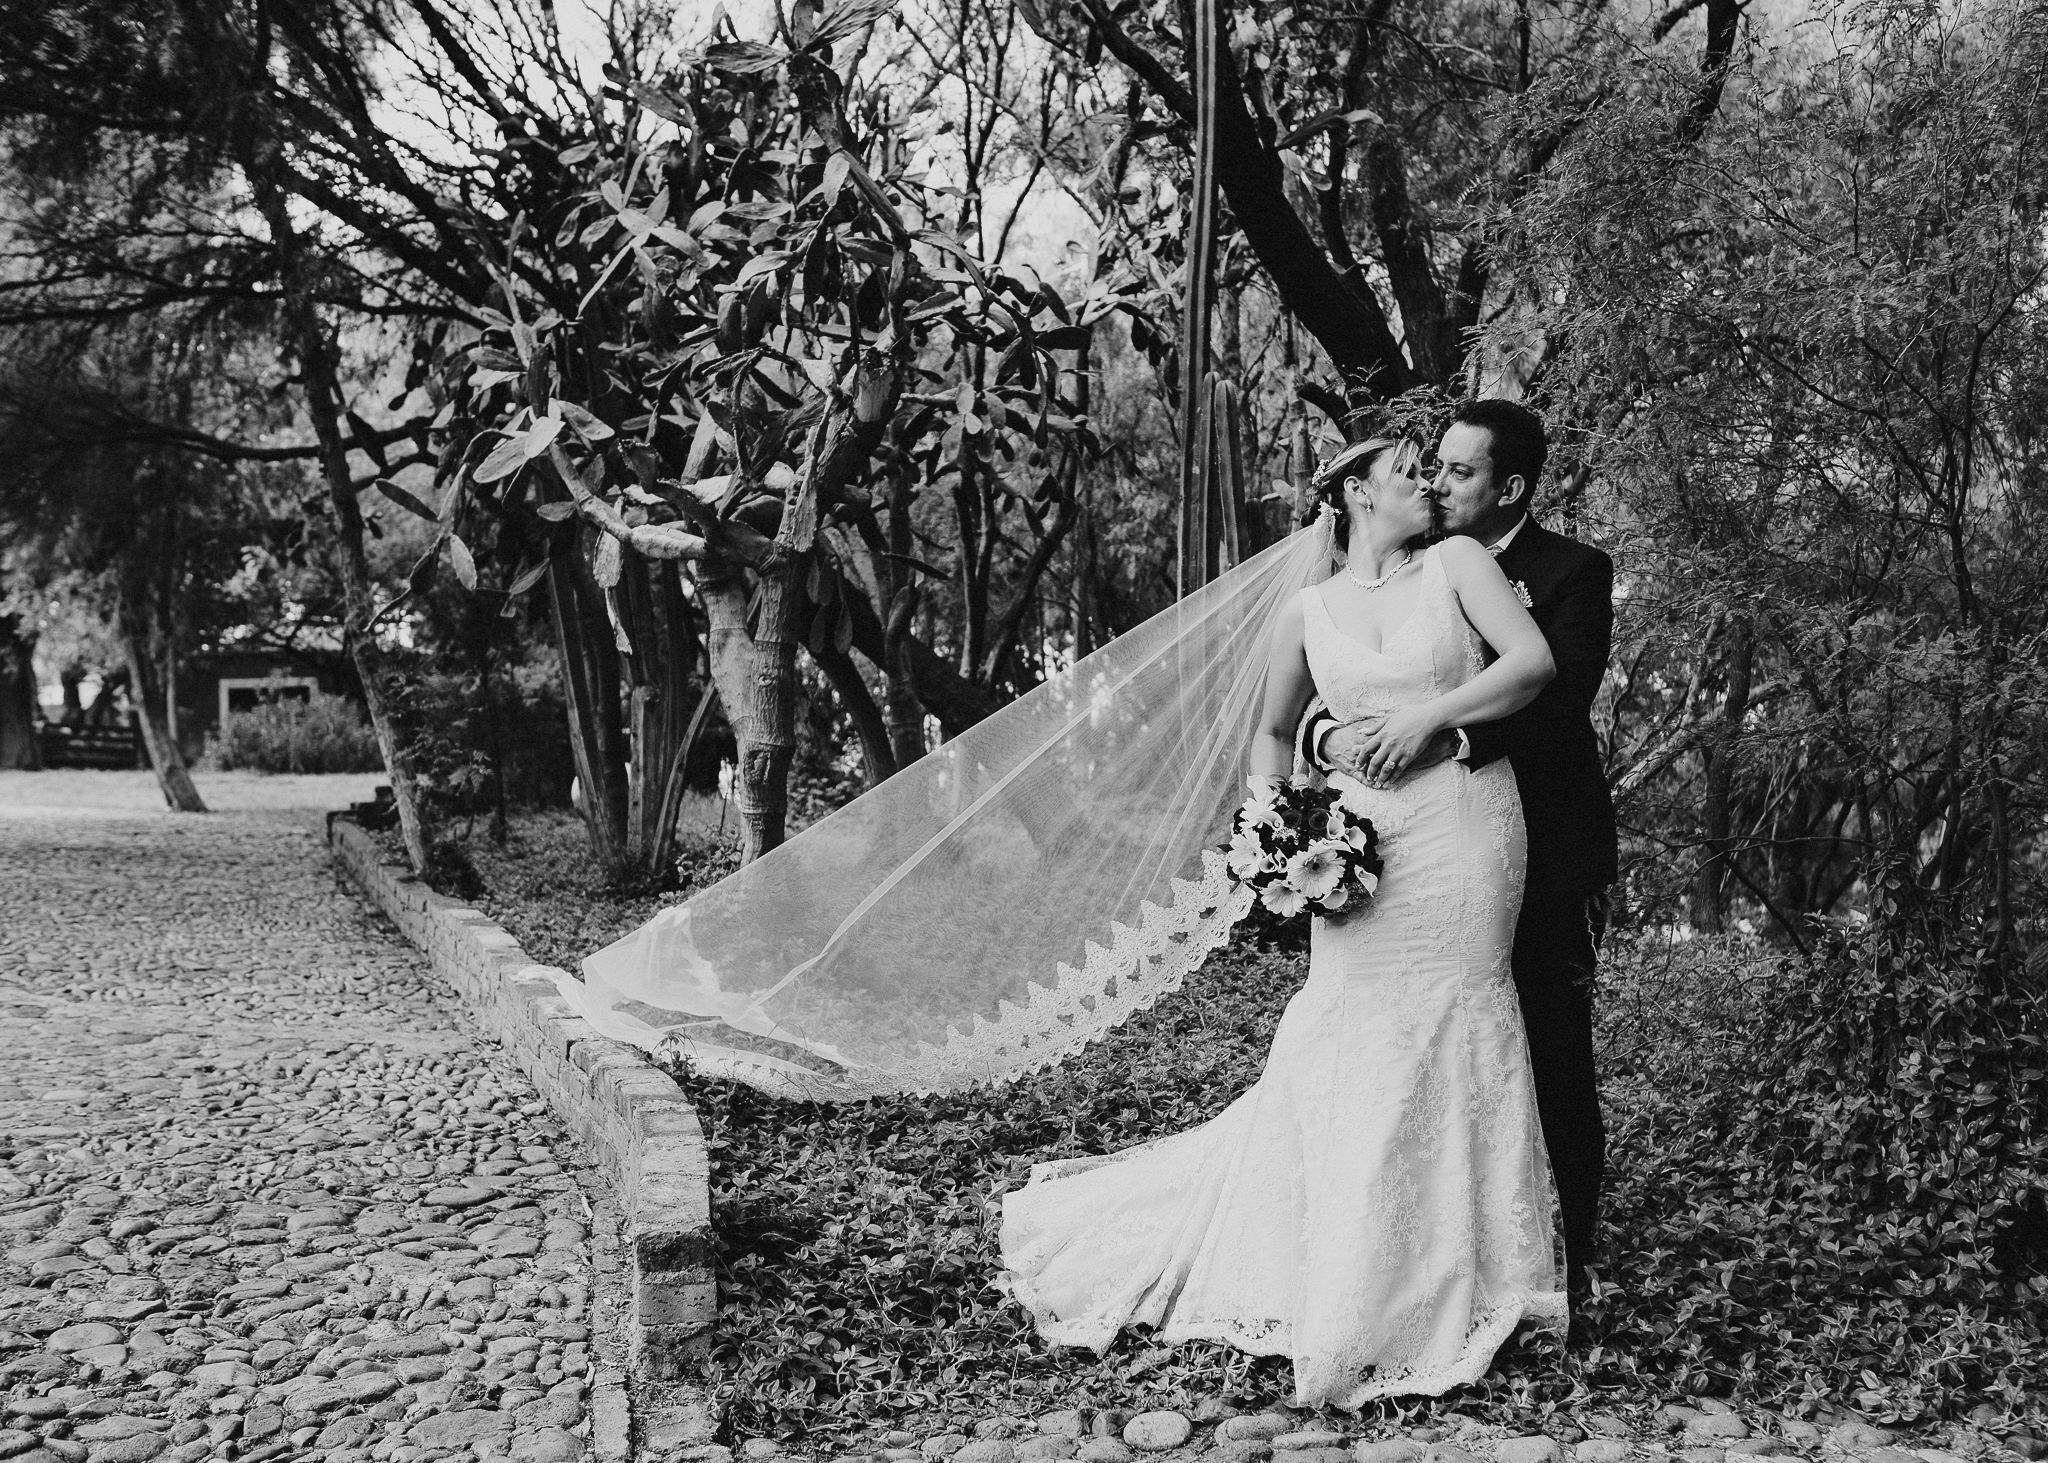 03boda-en-jardin-wedding-hacienda-los-cuartos-fotografo-luis-houdin77